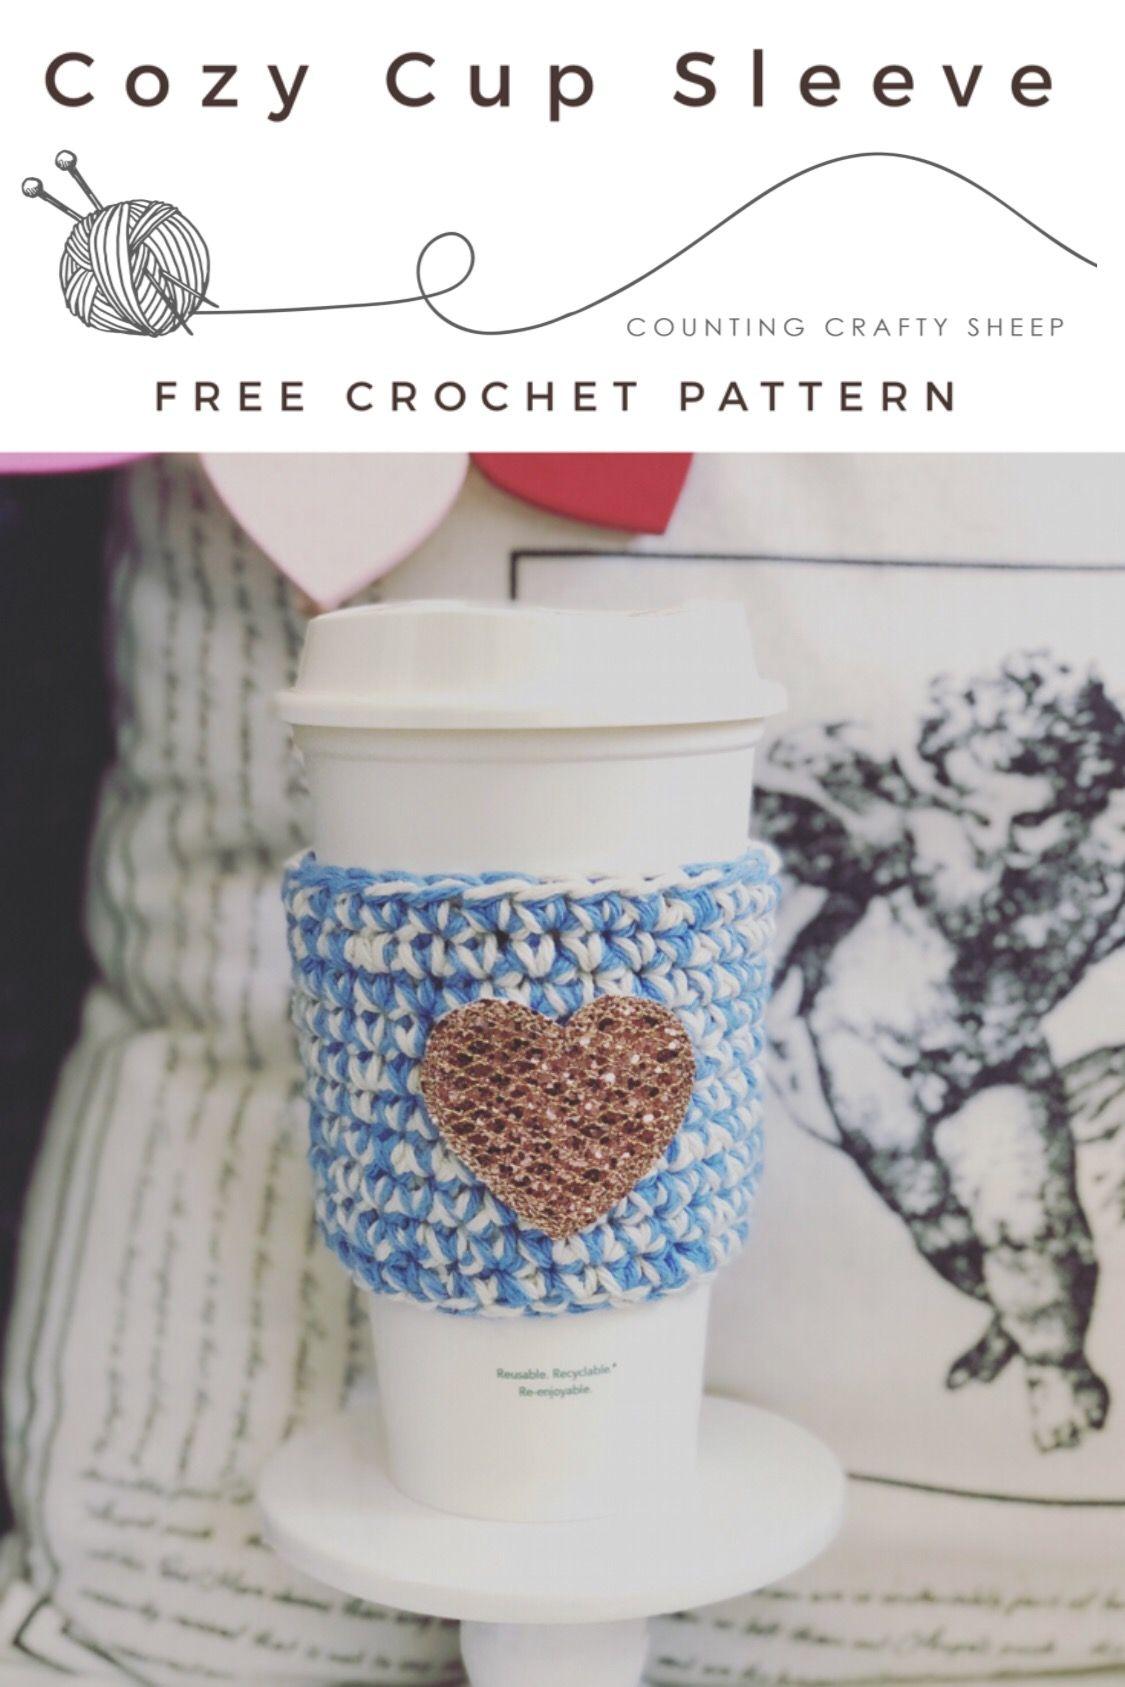 Best Crochet Cup Cozy a.k.a. Coffee Sleeve - Free Pattern